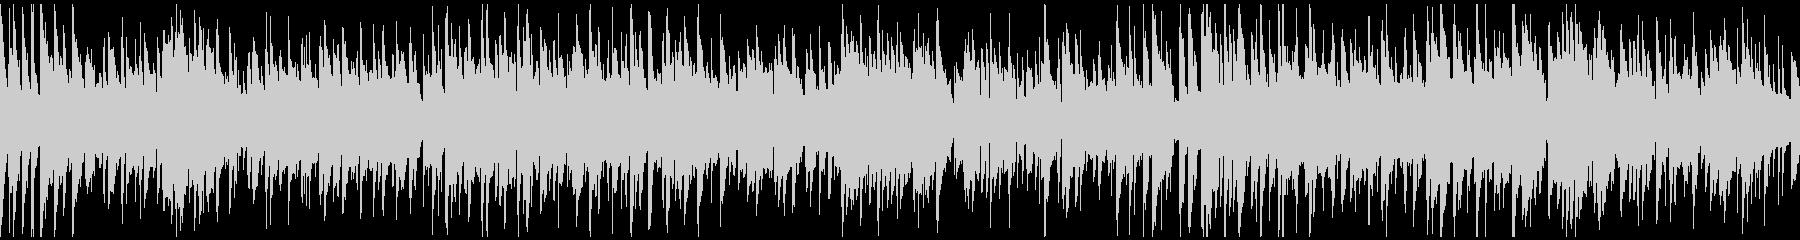 爽やか切ないボサノバ・サックス※ループ版の未再生の波形